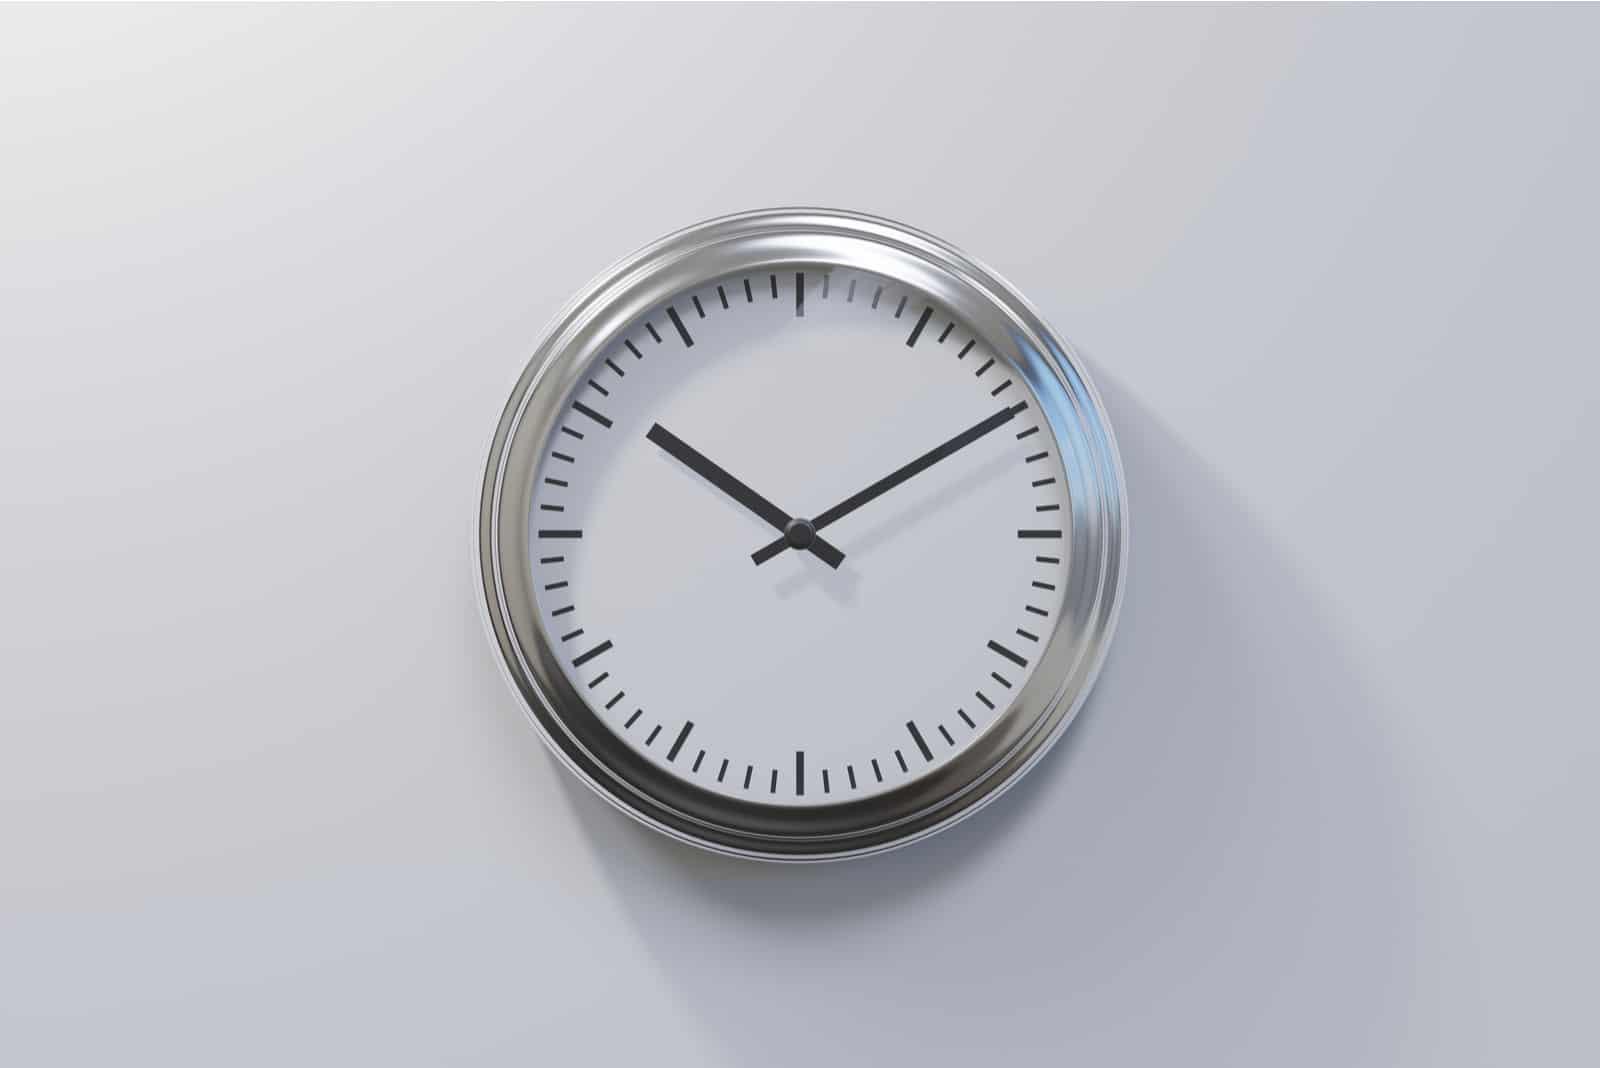 graue Uhr auf weißem Hintergrund